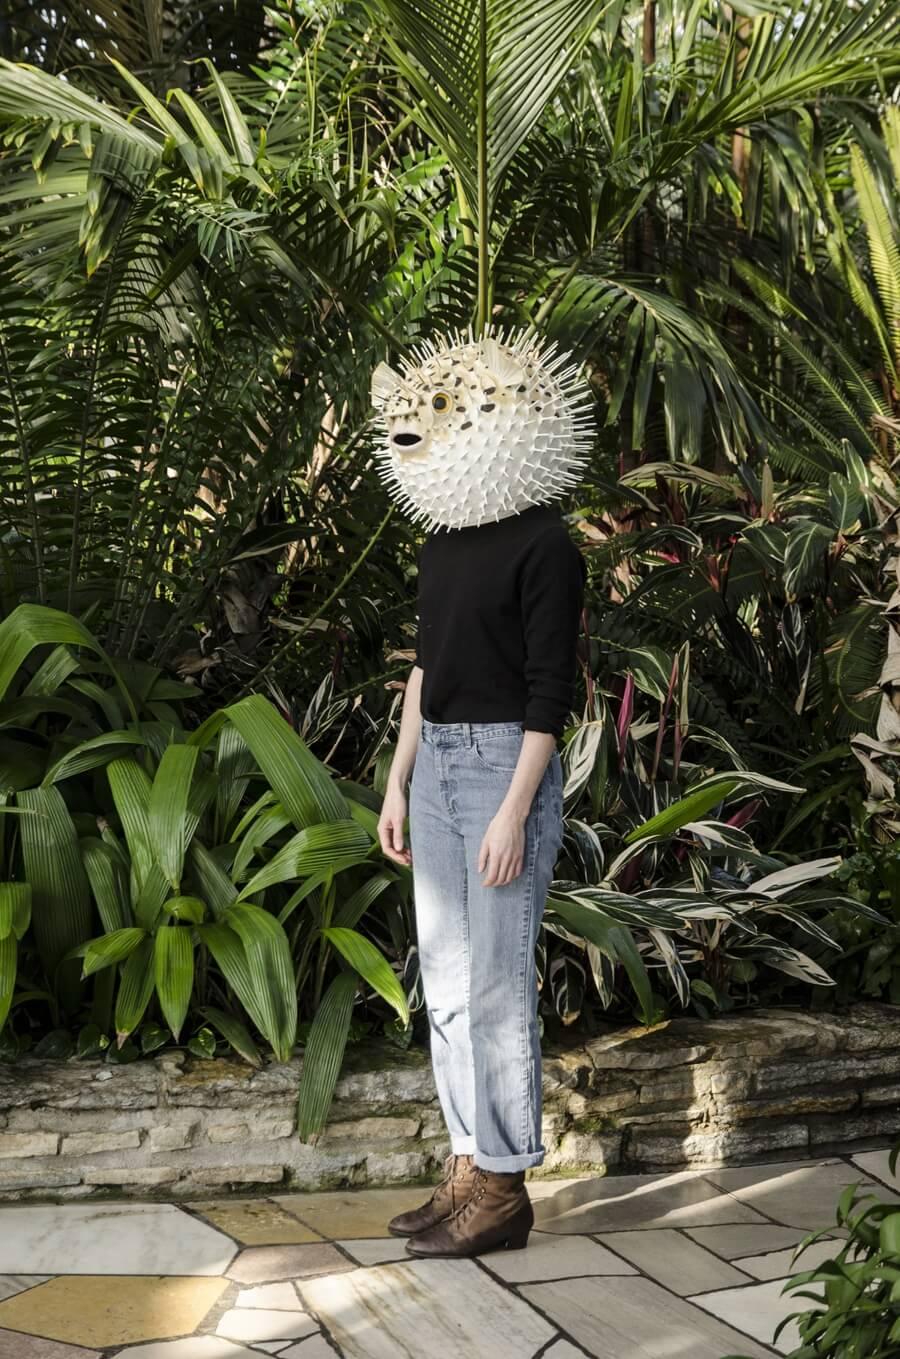 La artista evoca la fauna con estas máscaras